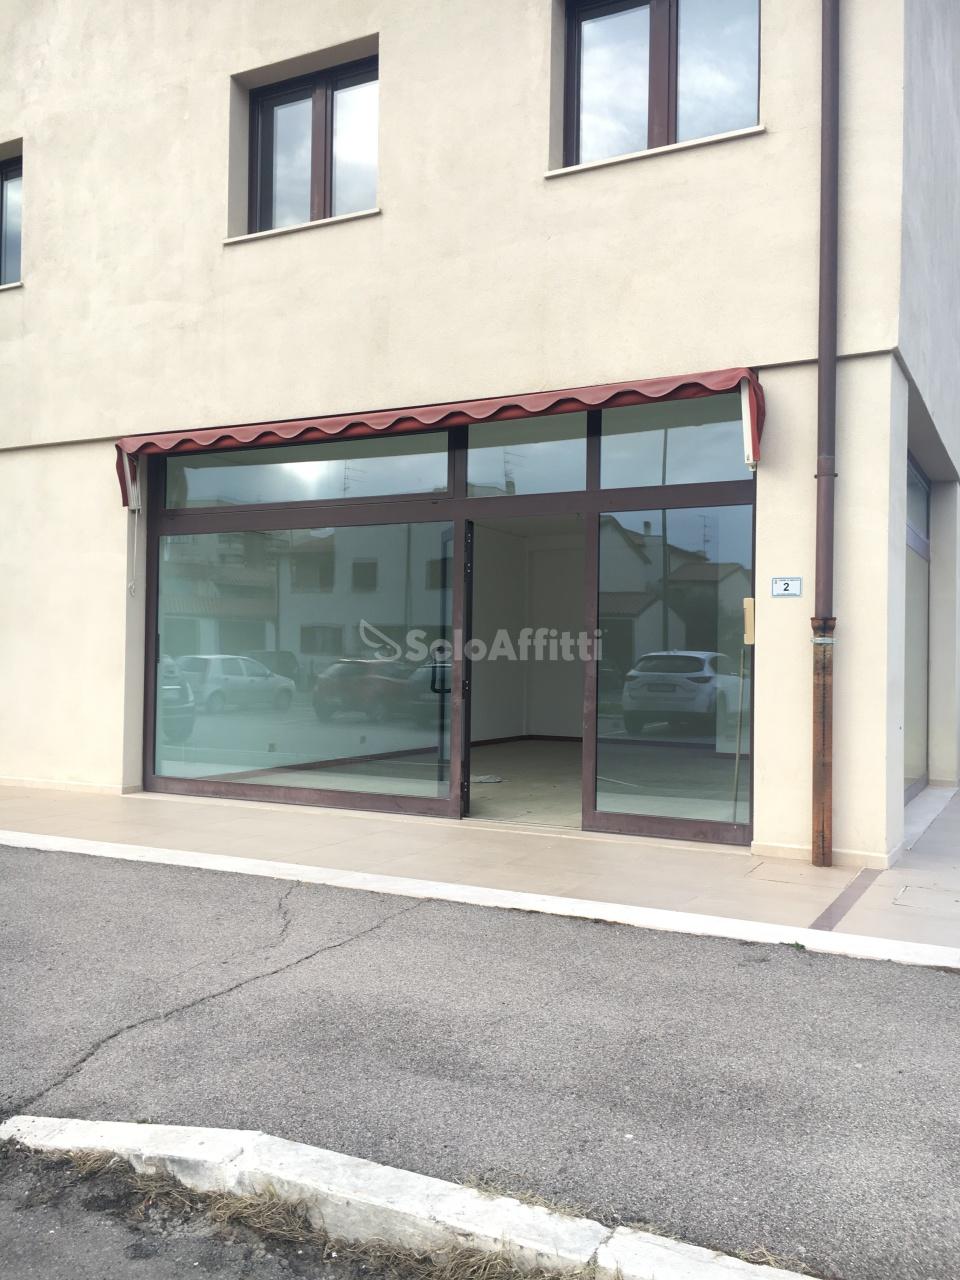 Fondo/negozio - 4 vetrine/luci a Casalone, Grosseto Rif. 5520138